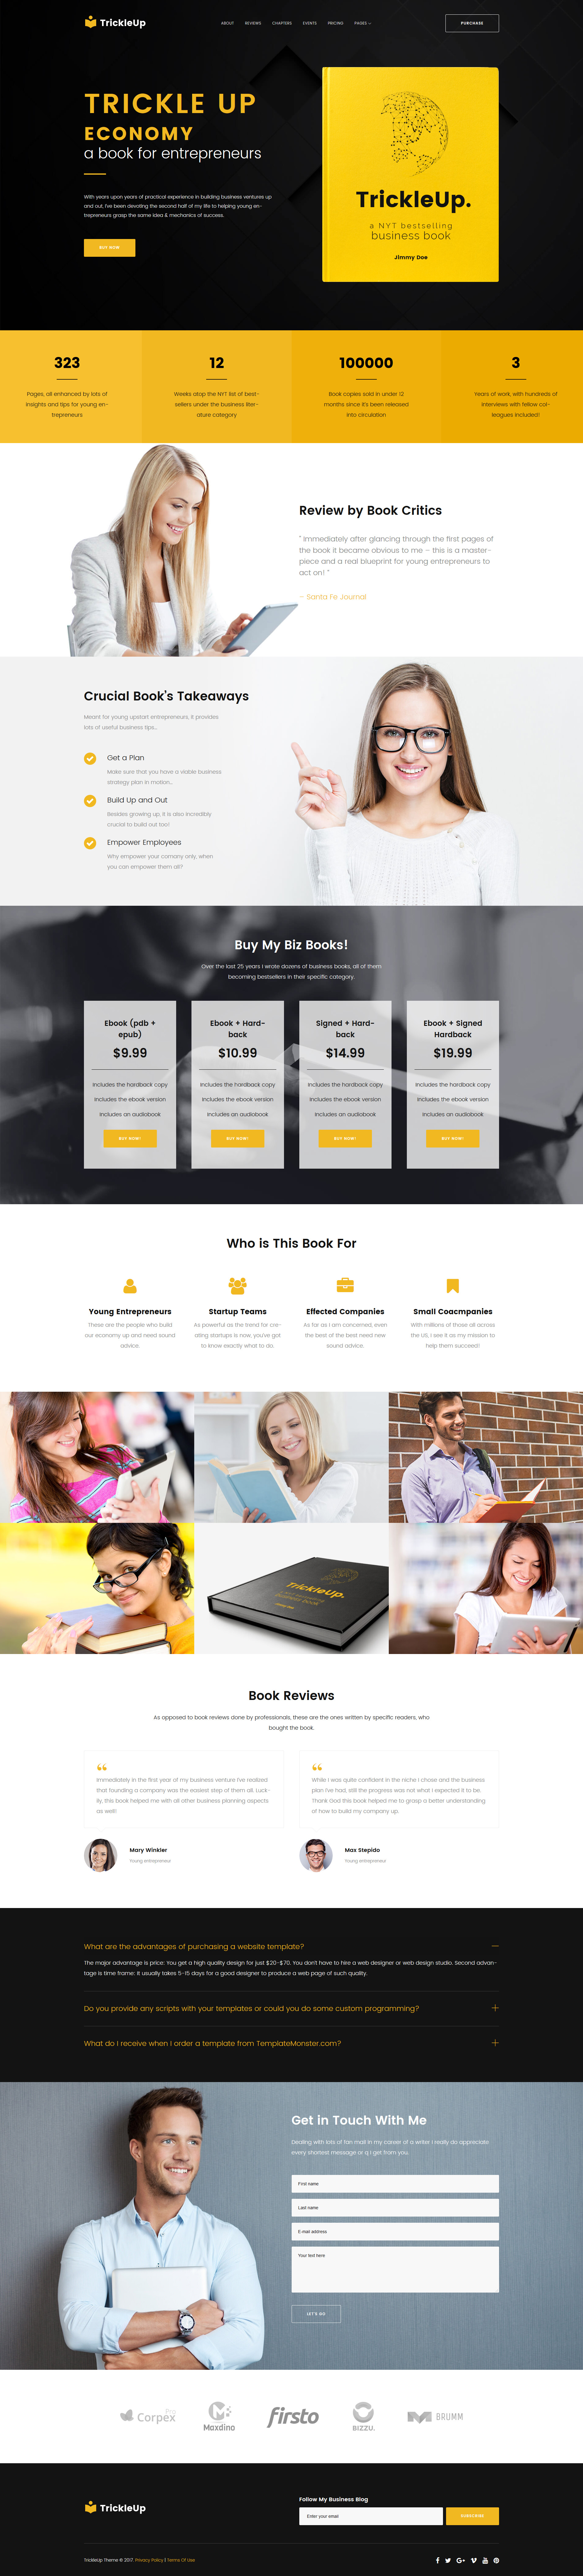 One Page E-book Landing WordPress Theme